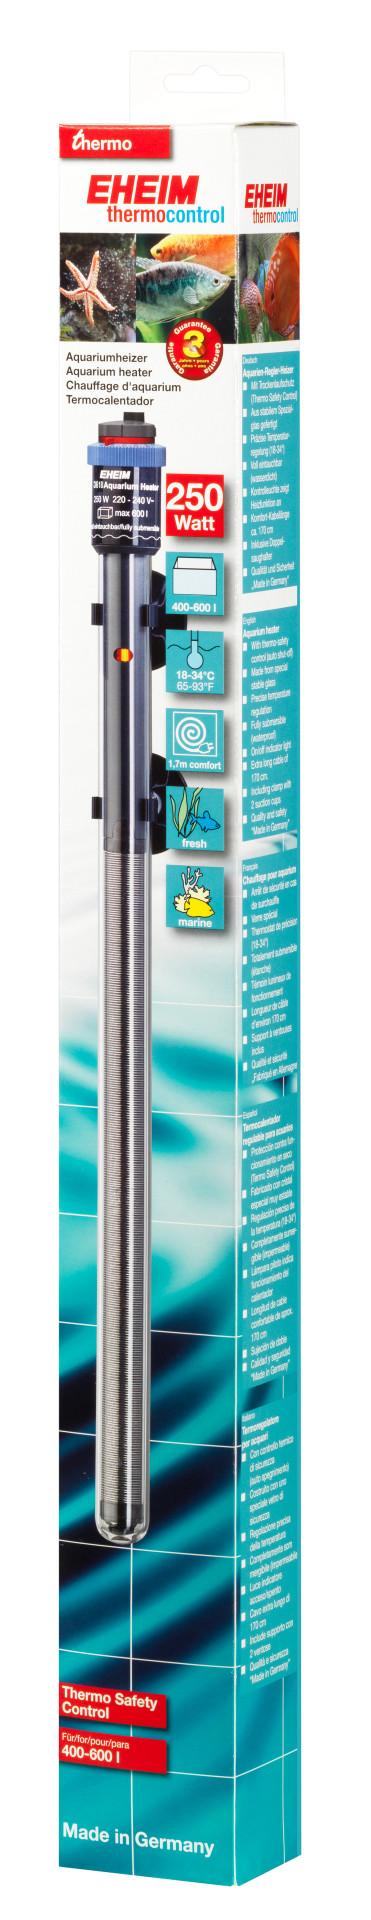 Eheim Thermo Control 250 W